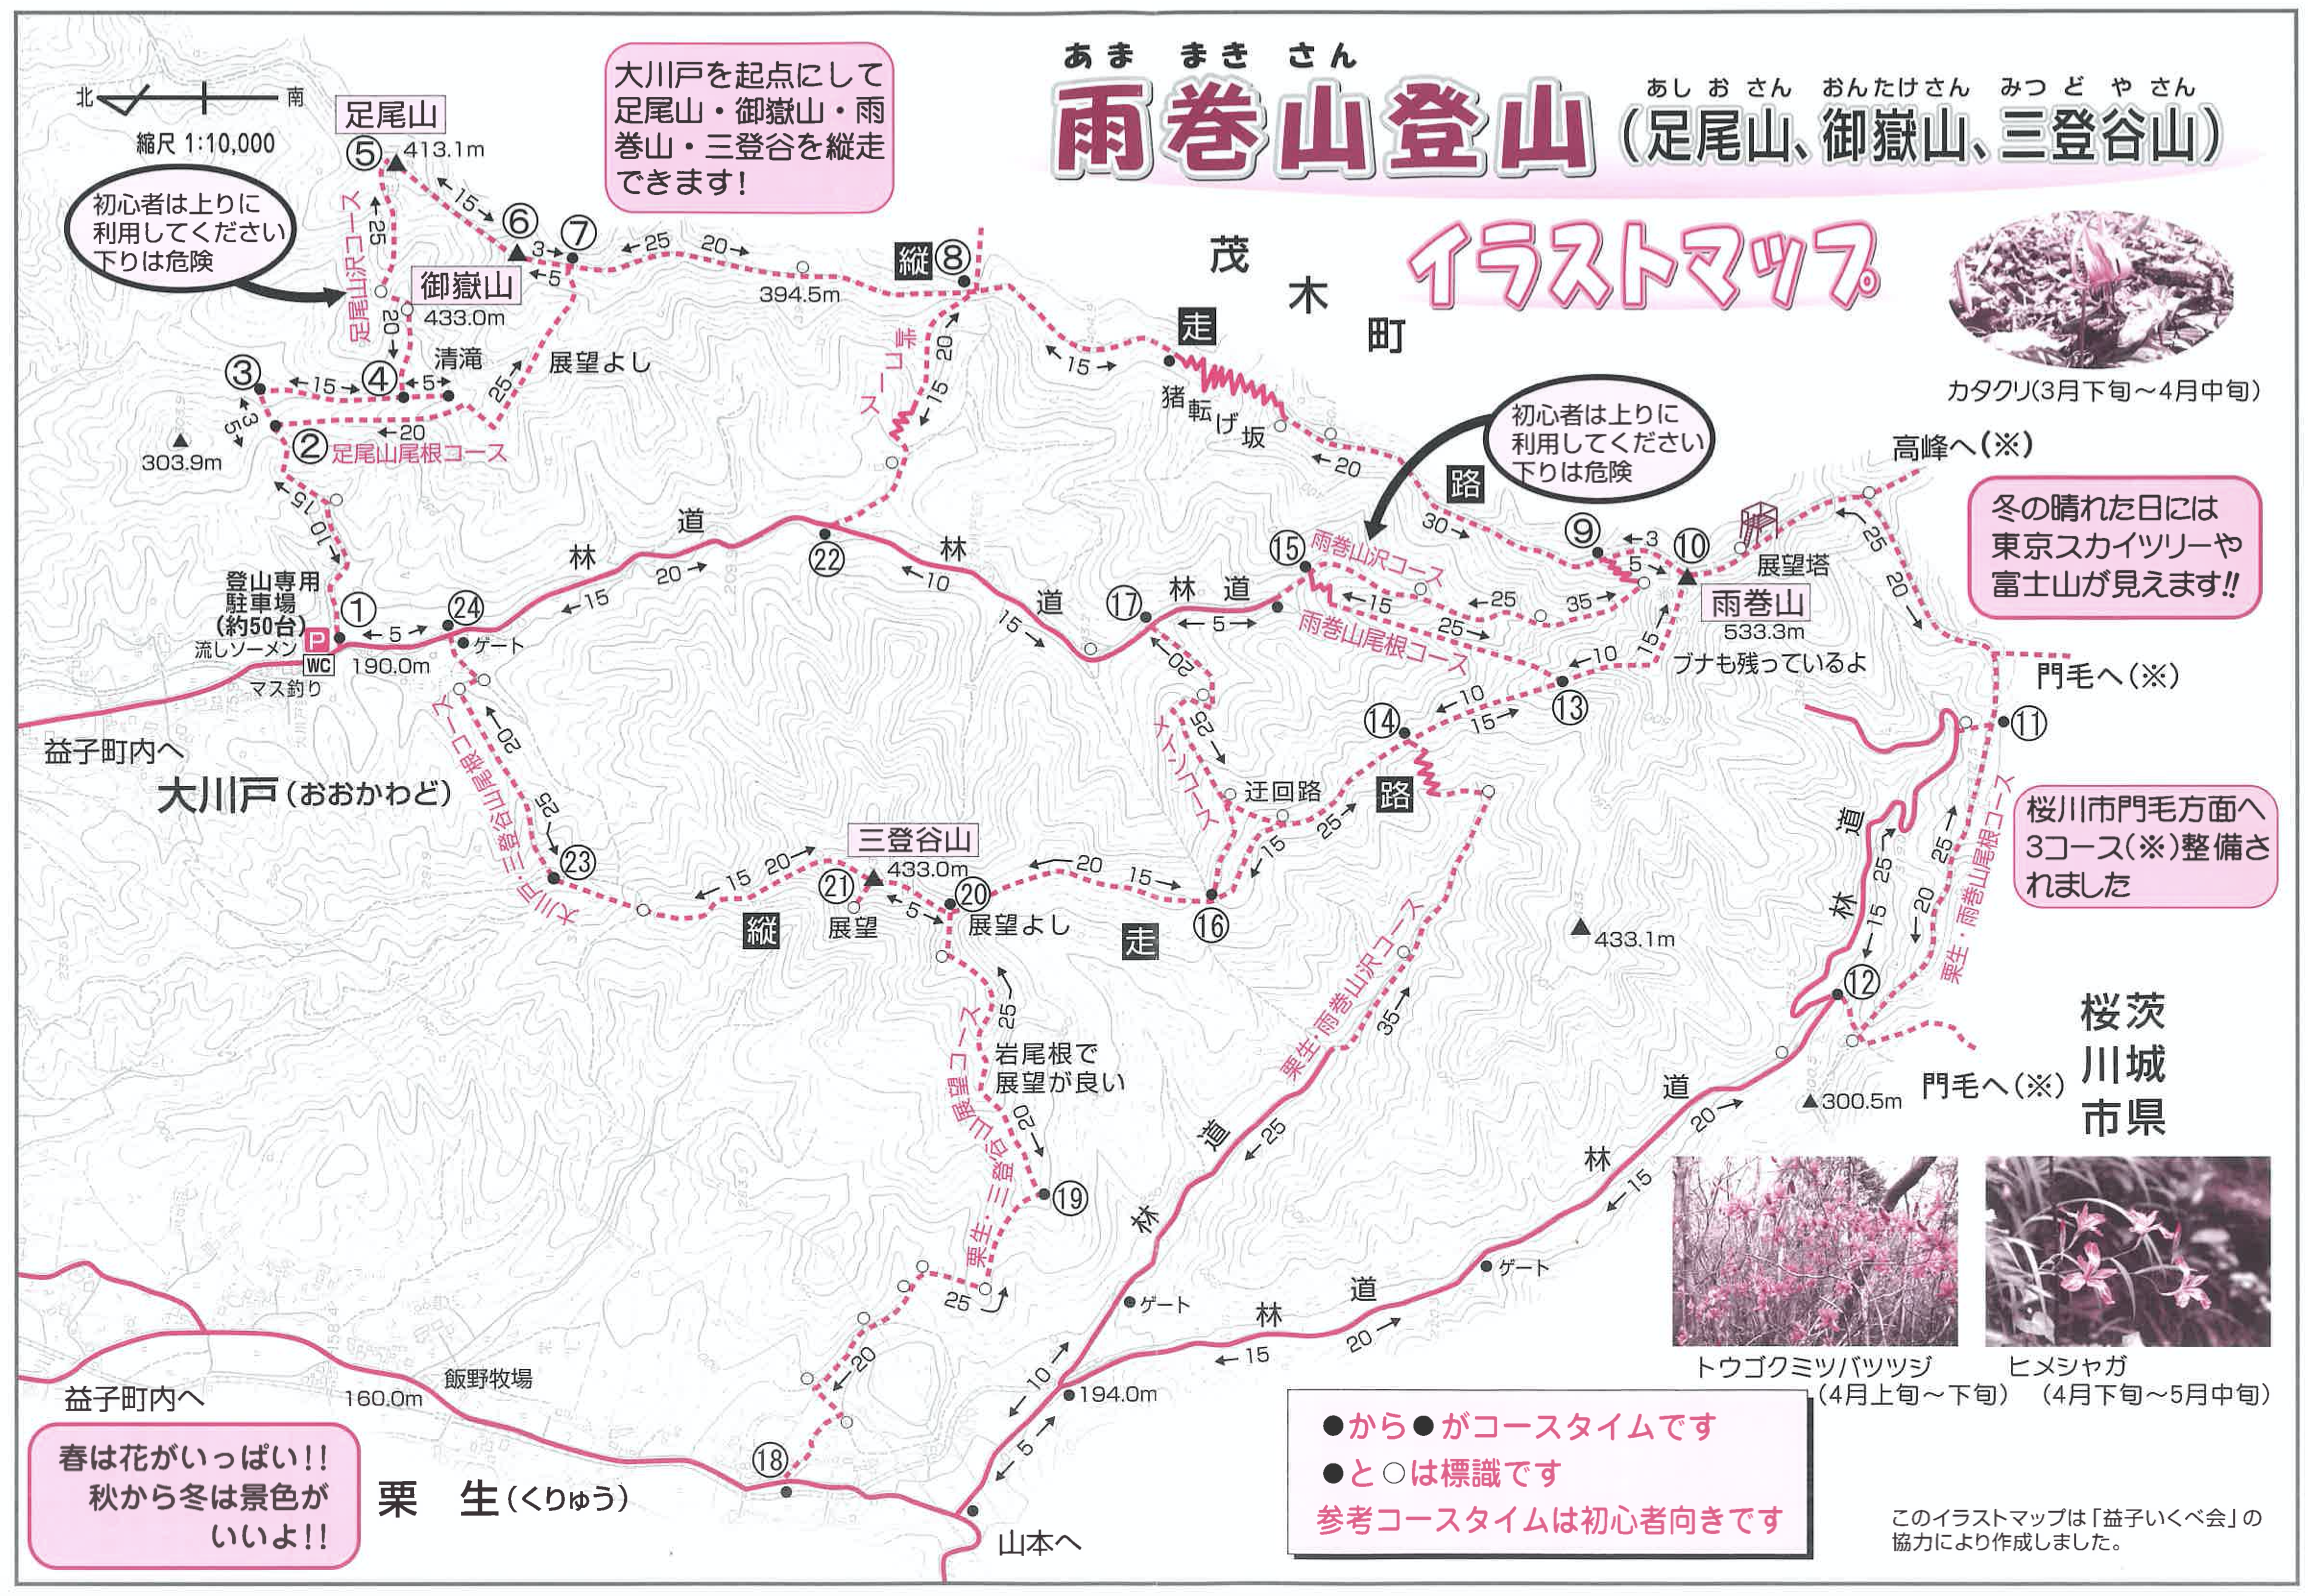 栃木県雨巻山